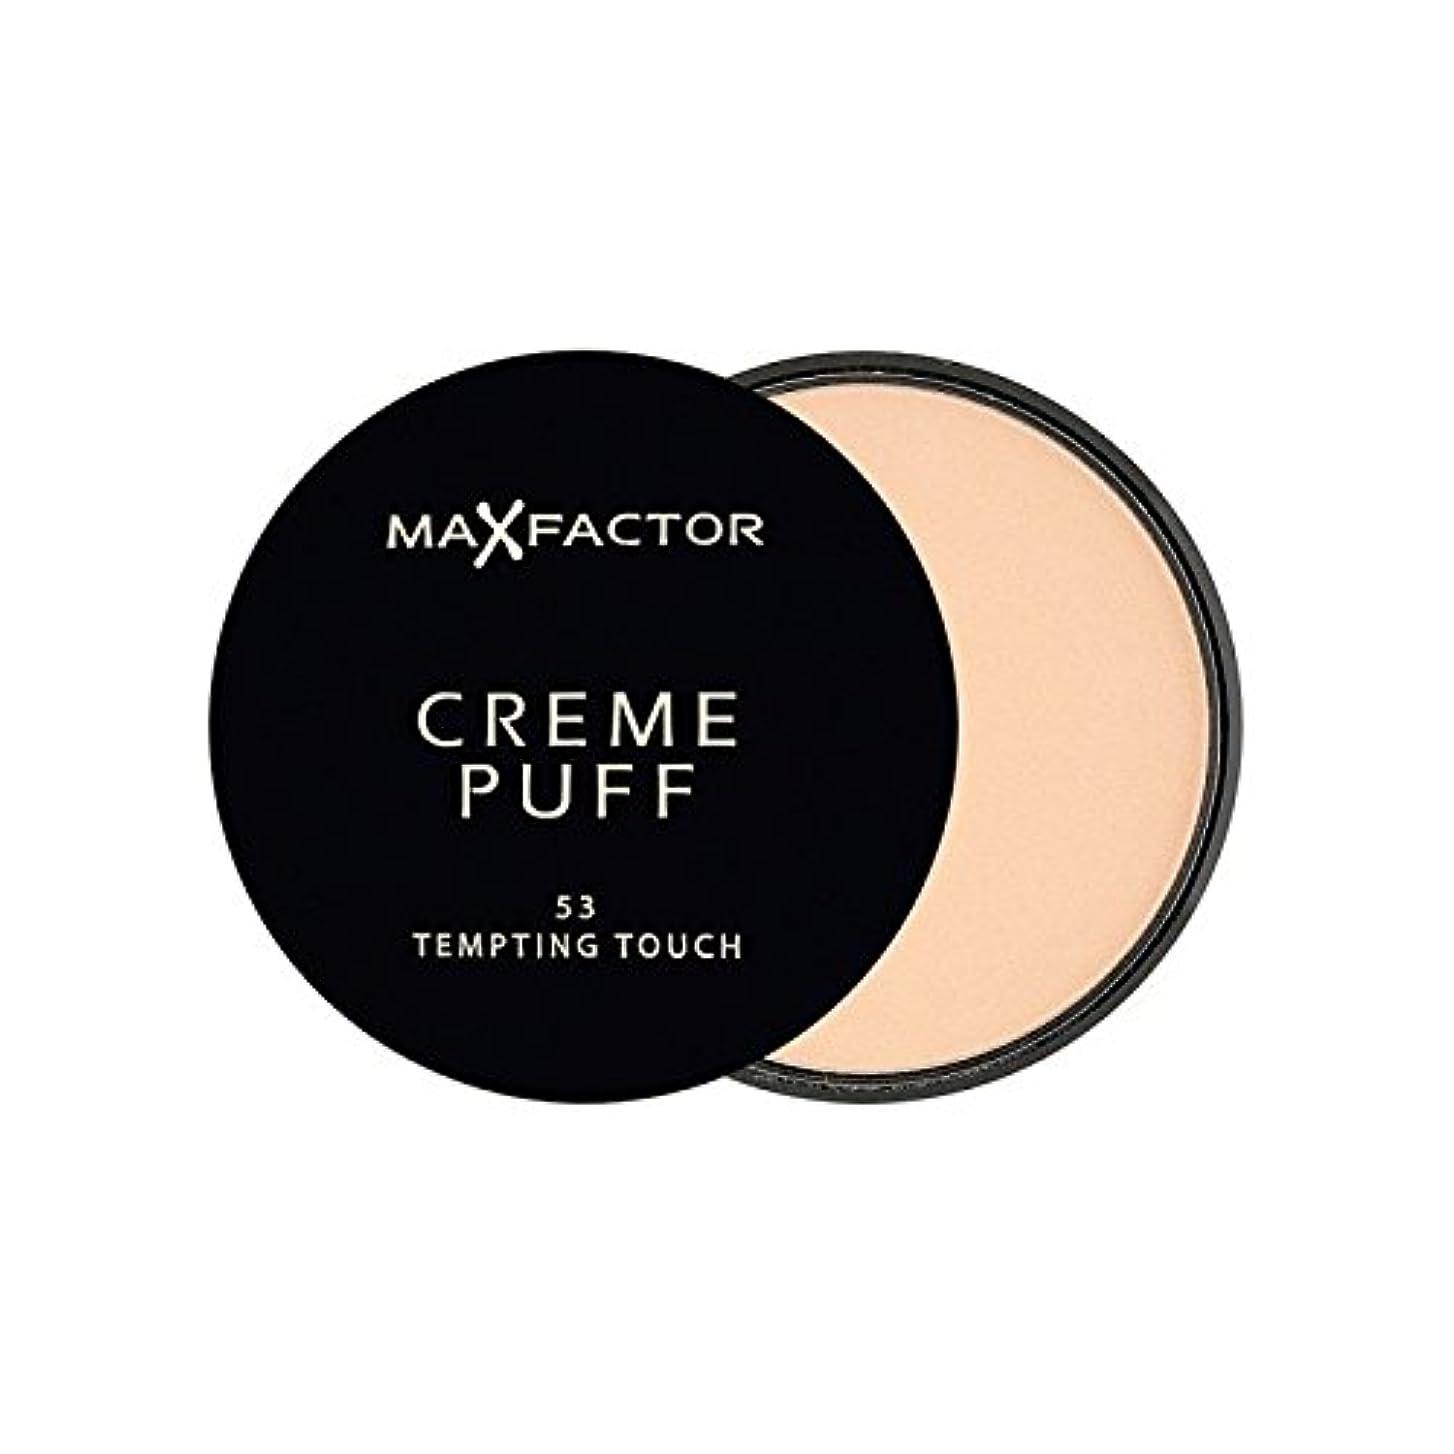 コンパス移植取り消すMax Factor Creme Puff Powder Compact Tempting Touch 53 (Pack of 6) - マックスファクタークリームパフパウダーコンパクト魅力的なタッチ53 x6 [並行輸入品]